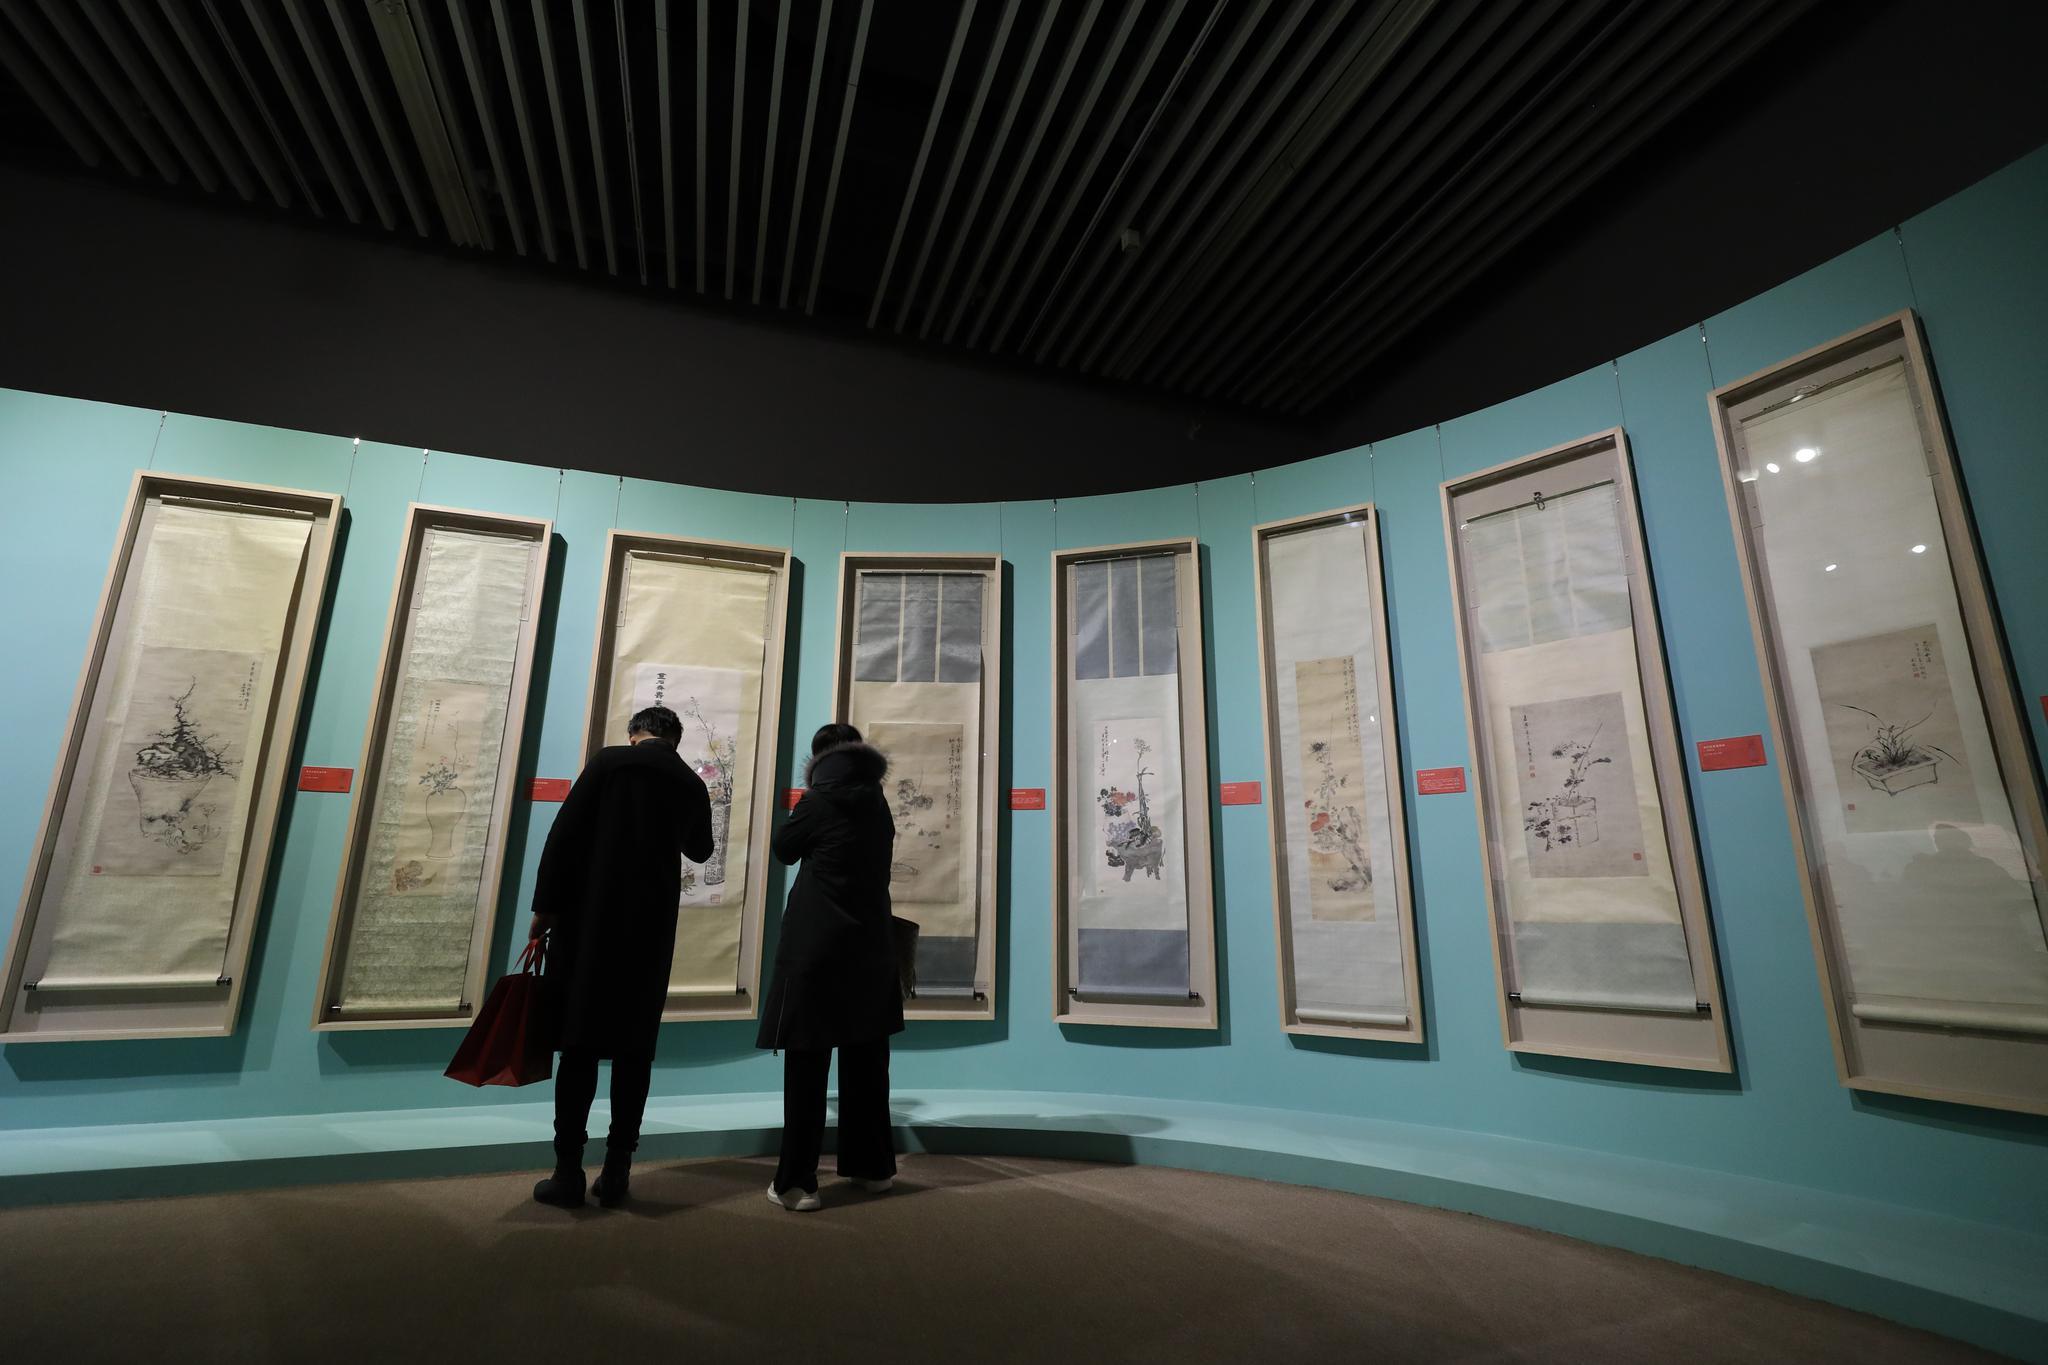 园博馆清代盆景文化展今晚开幕 文物均为首次公开展示图片